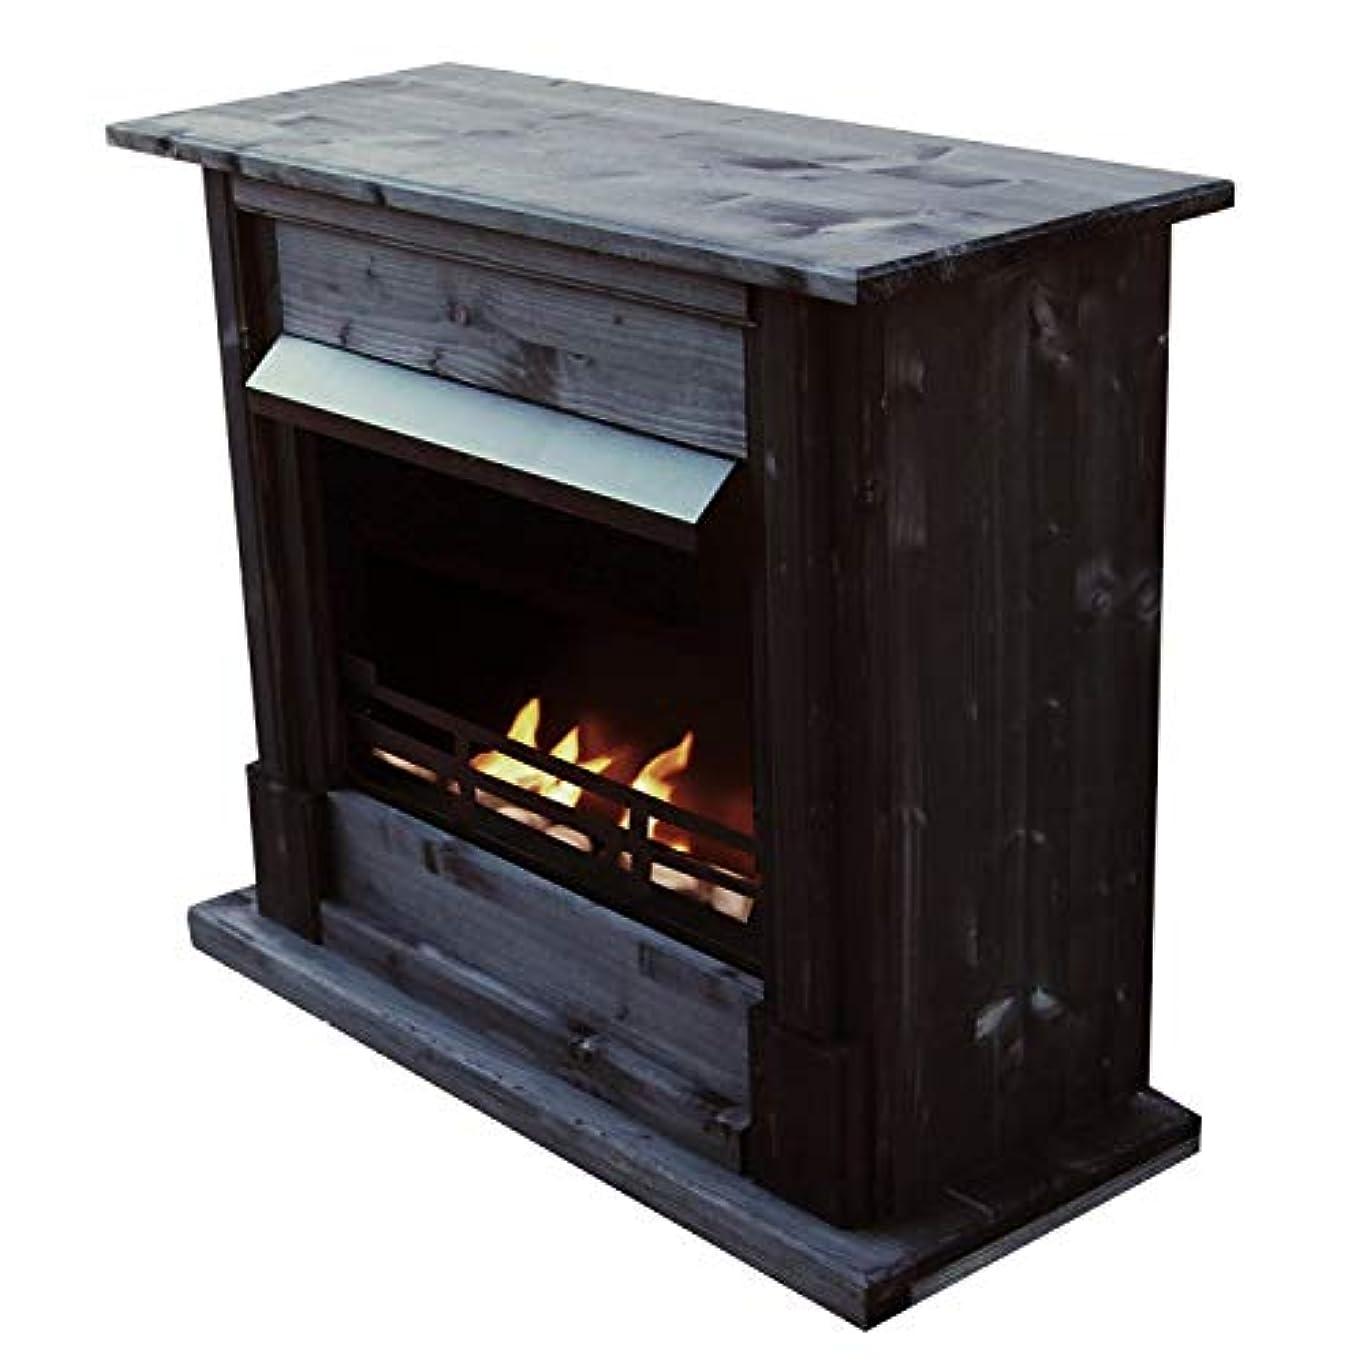 学習敵何十人もジェル+ ethanol fire-places Emilyデラックスinclusive : 1調節可能なstainless-steel Burner ブラック 10080